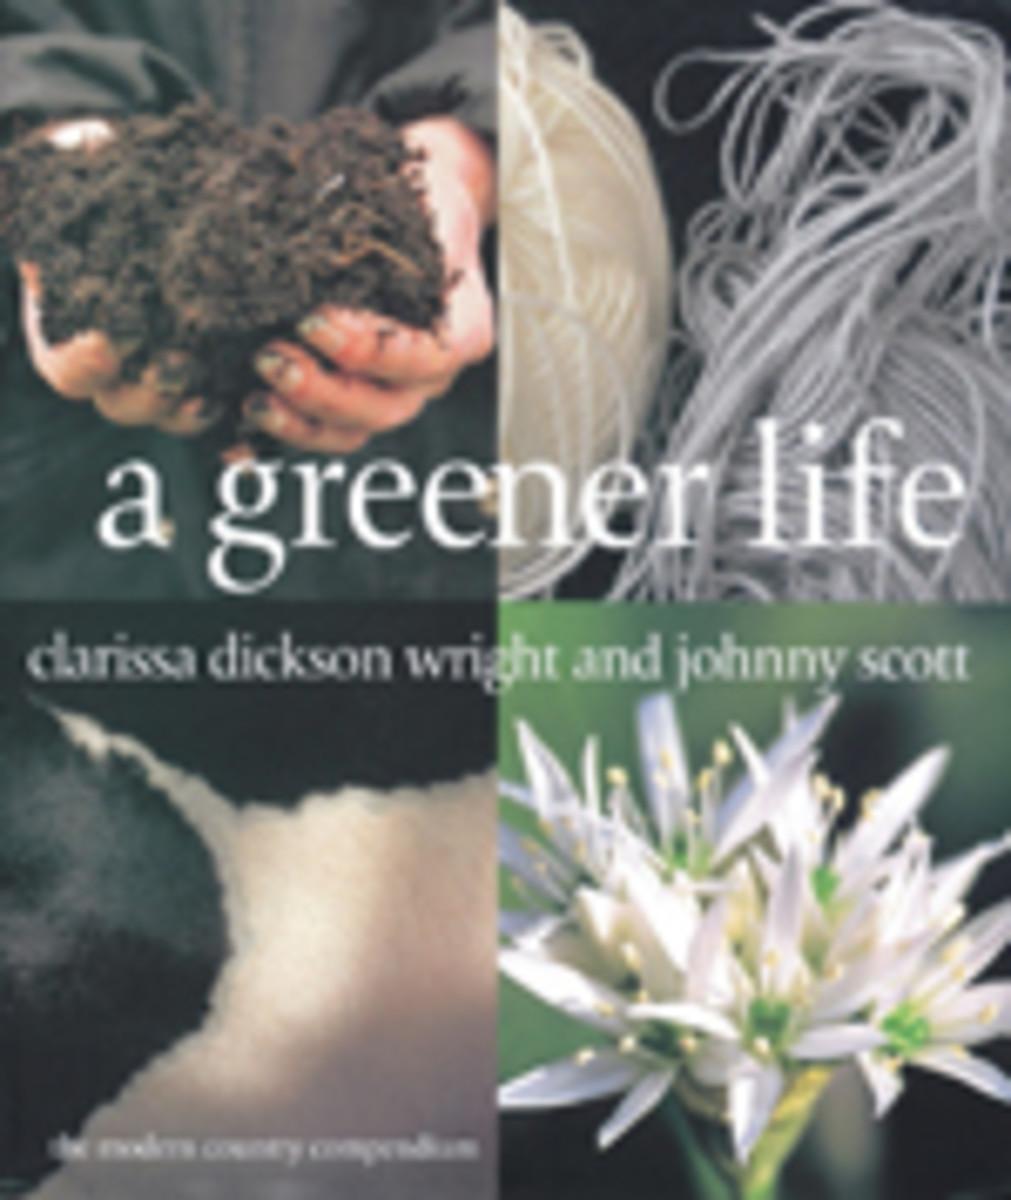 A Greener Life book